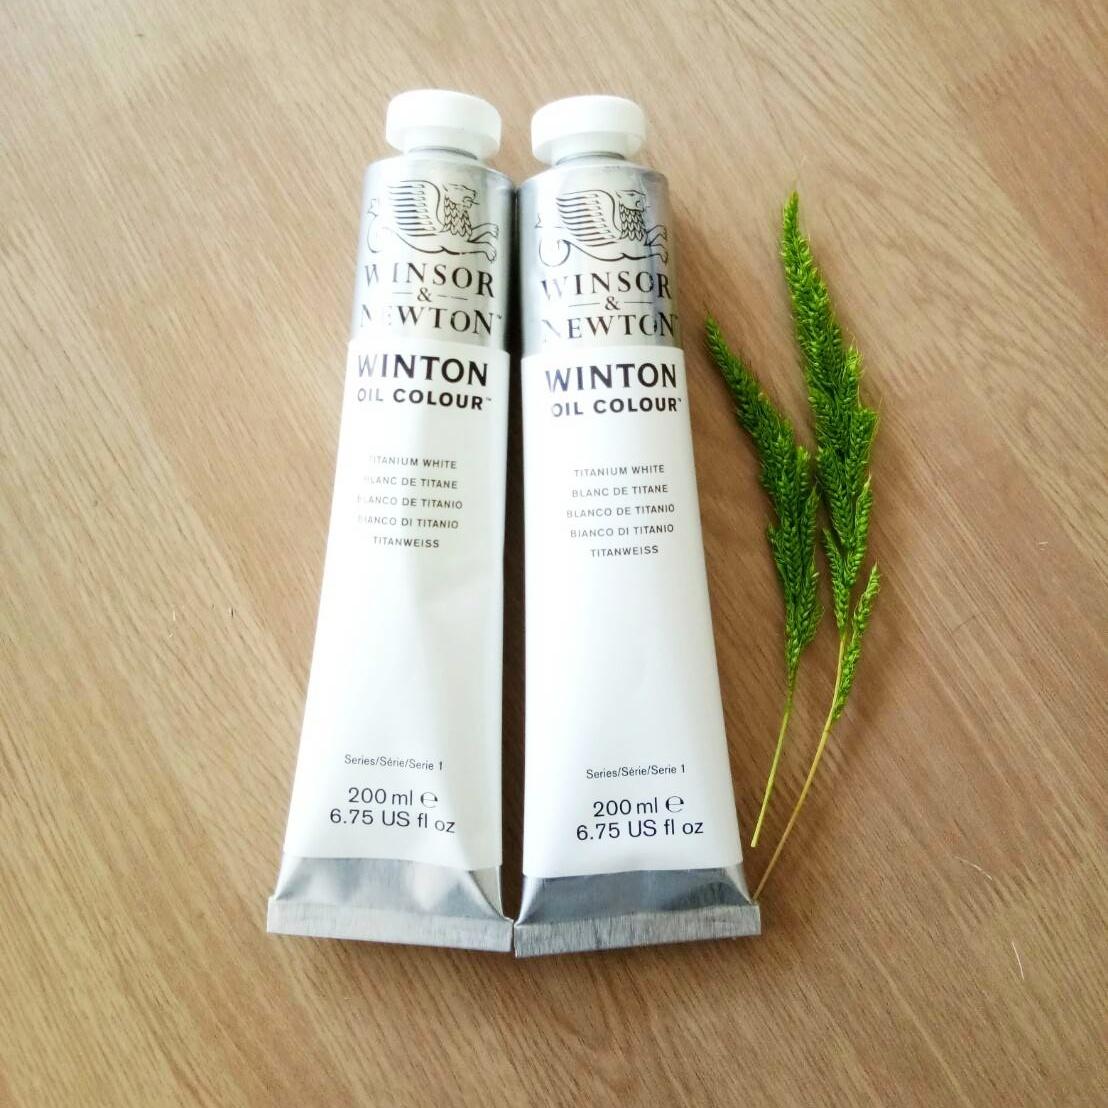 สีวินเซอร์-นิวตัน 200 มิล (Winsor-Newton 200 ml.)